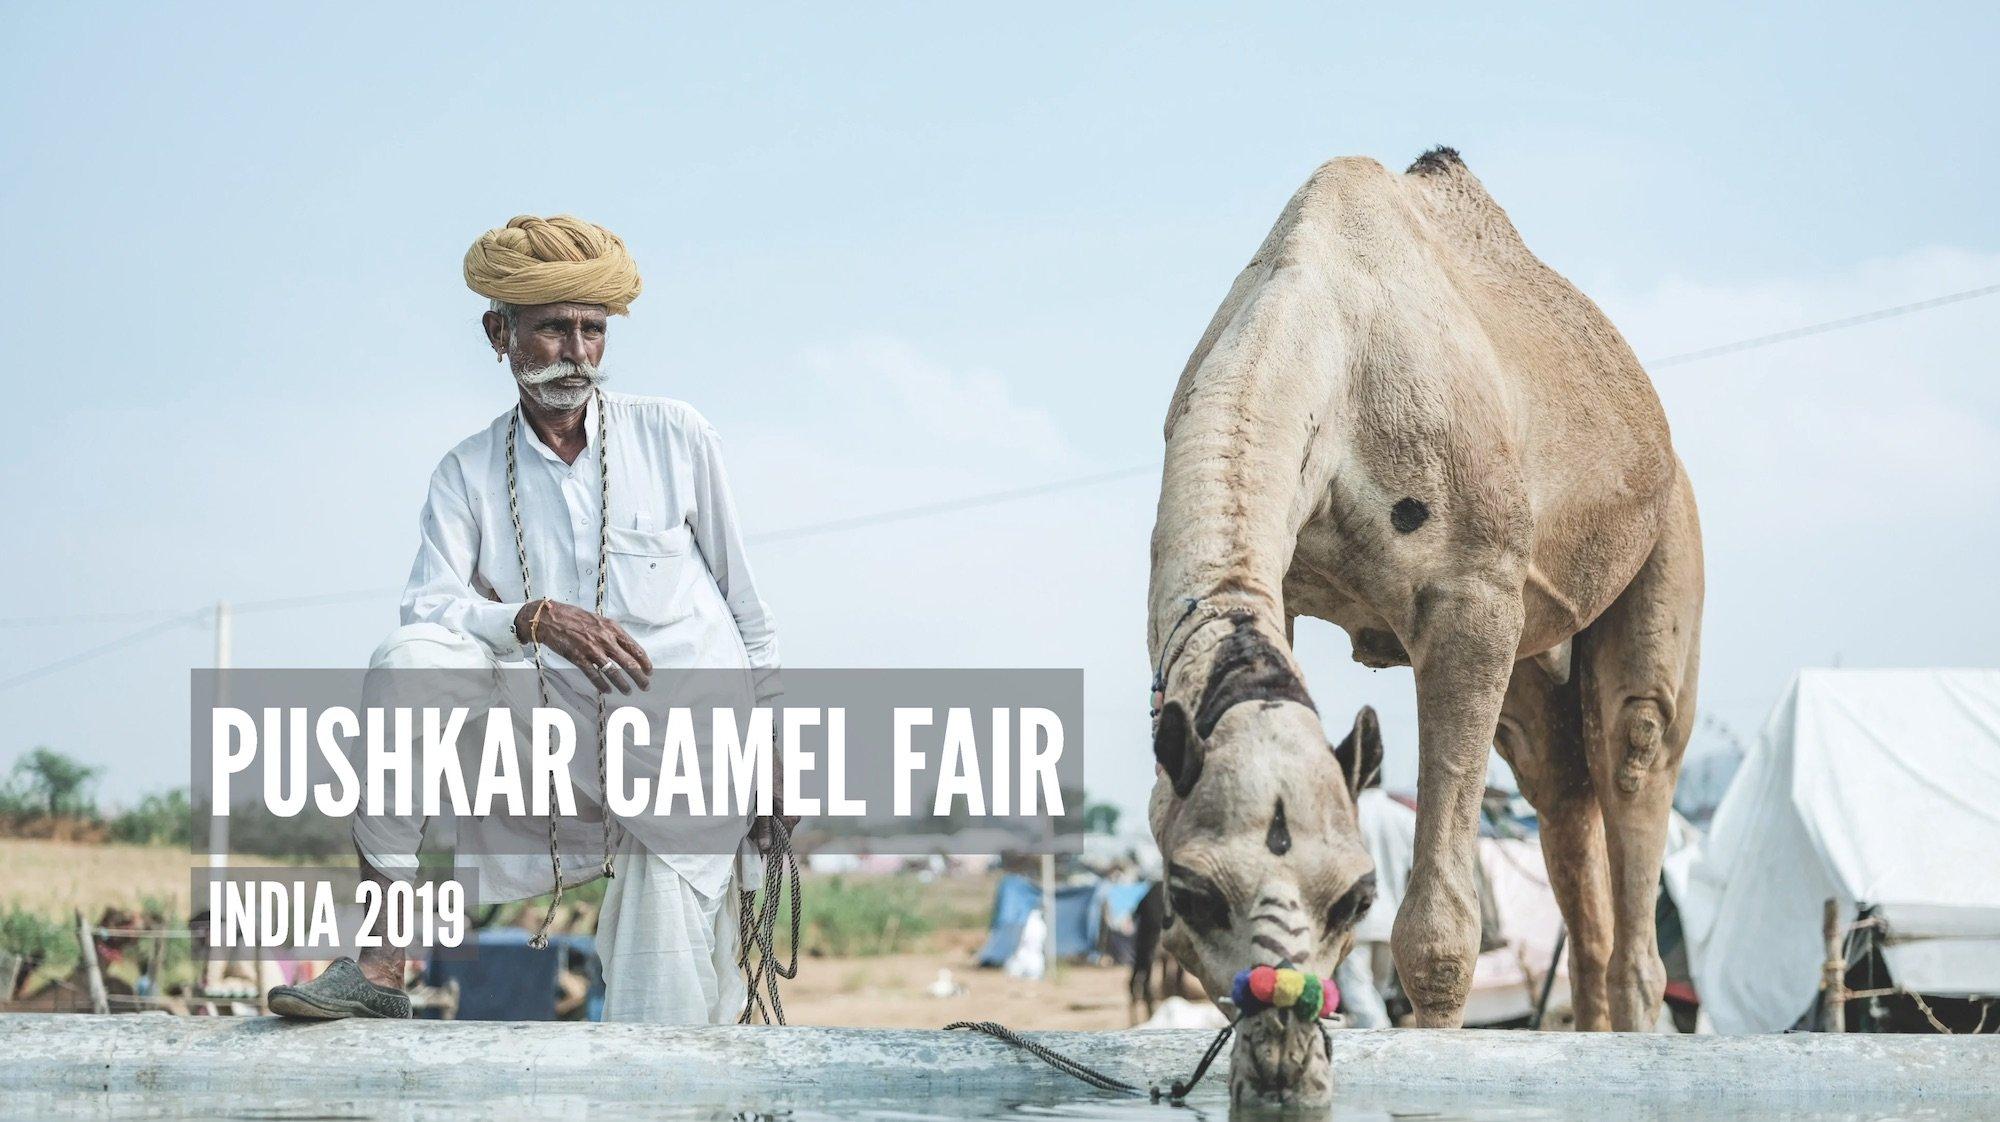 PUSHKAR CAMEL FAIR FESTIVAL